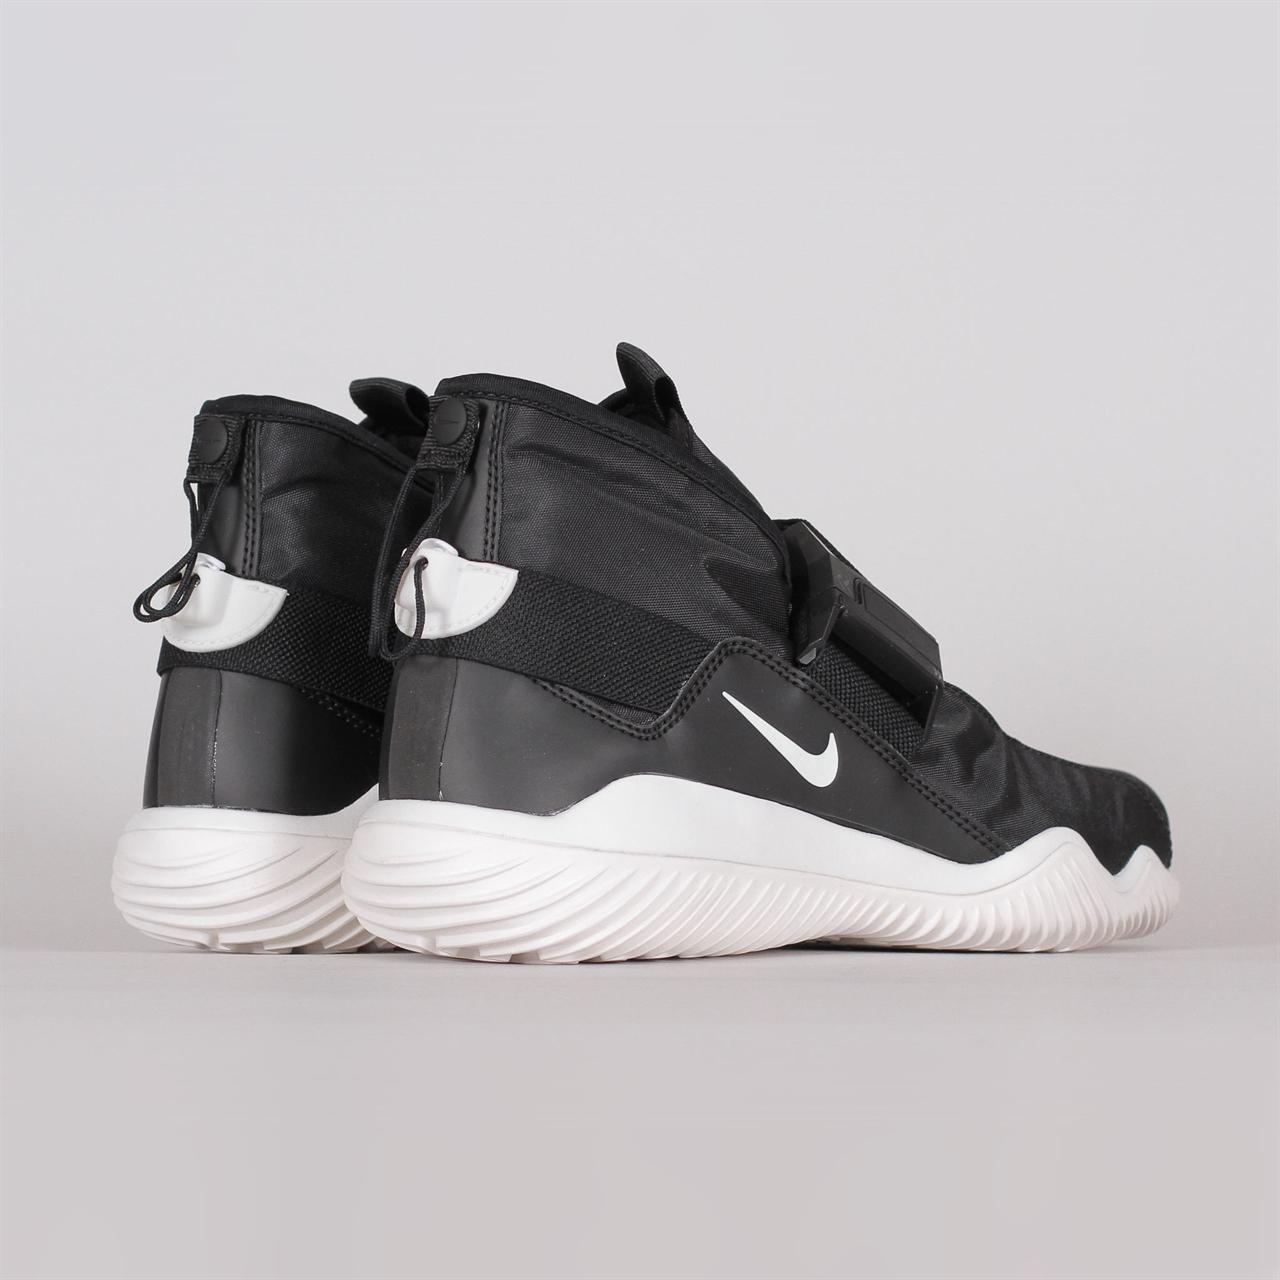 on sale e5b5d 5a0c9 Shelta - Nike Sportswear Komyuter (AA2211-001)